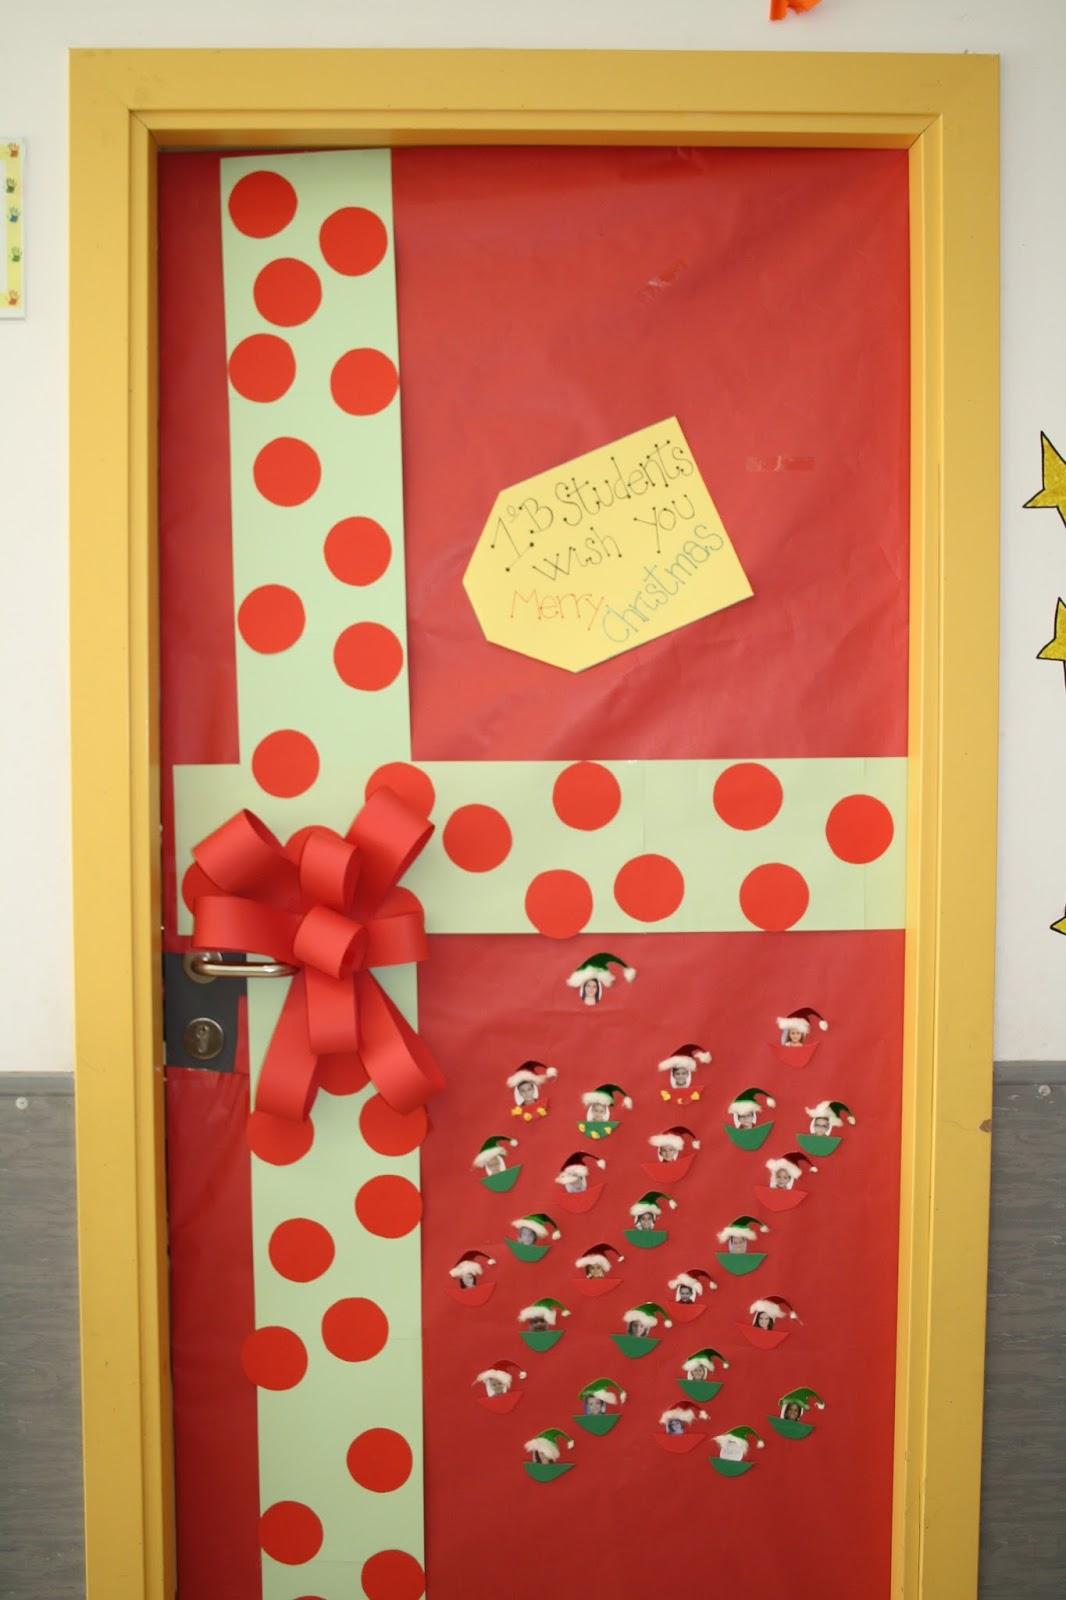 Nuestromundojos hierro for Puertas decoradas navidad colegio